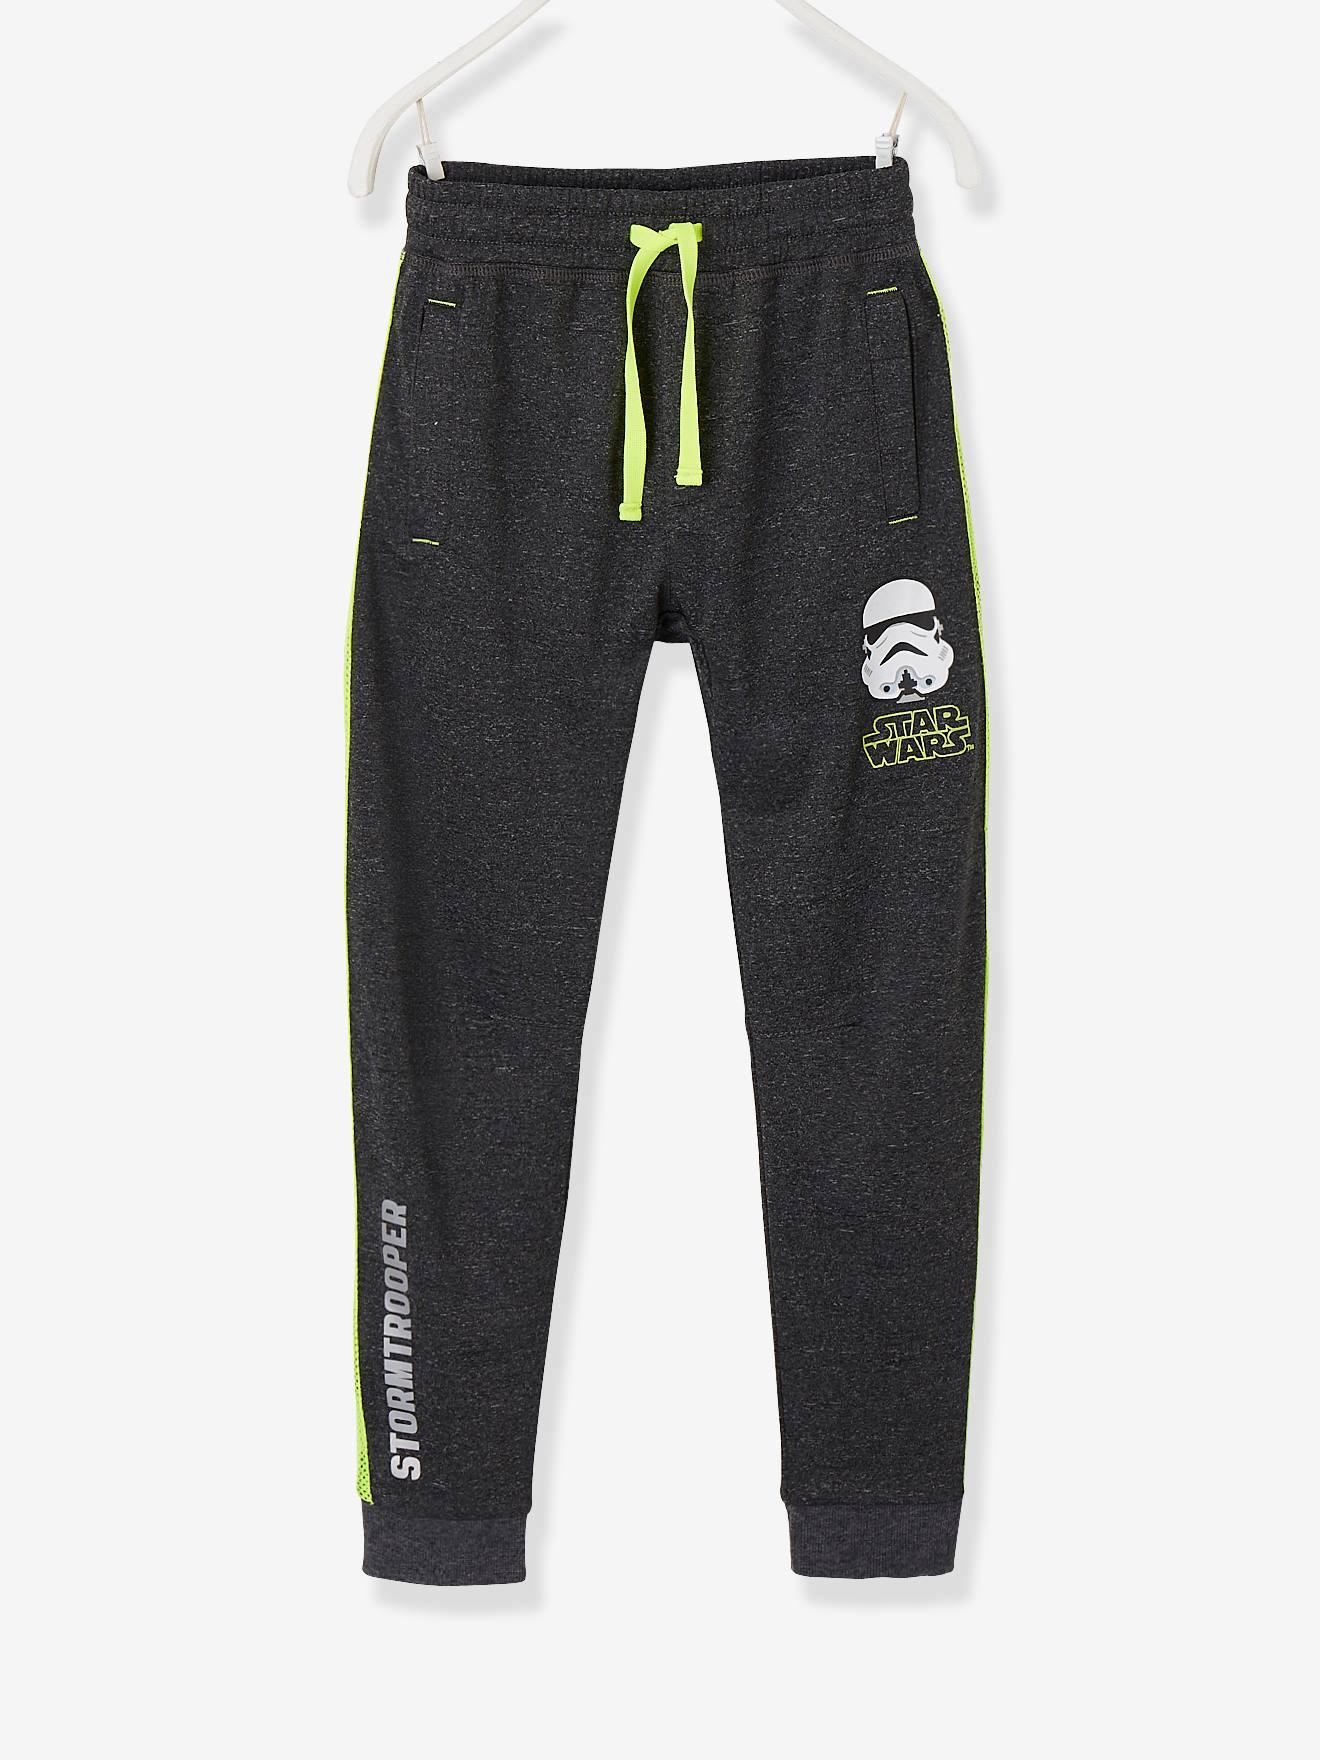 Pantalon sport garçon Star Wars® en molleton gris foncé